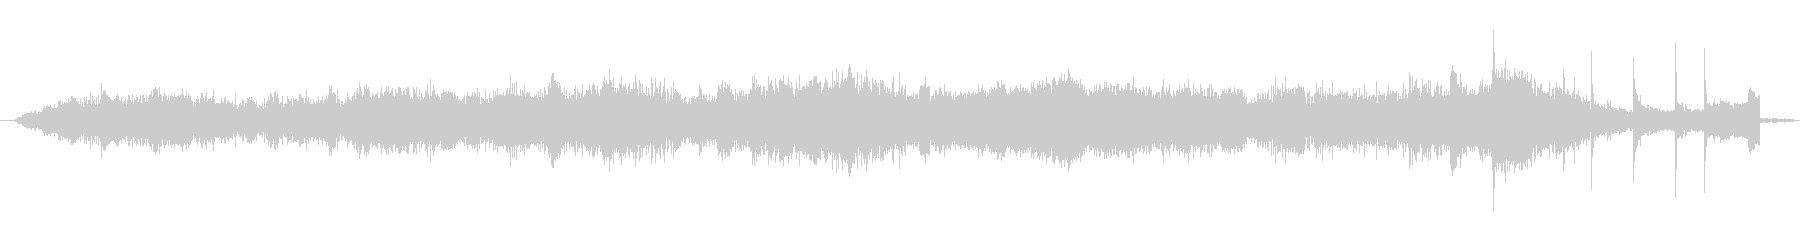 20秒】EDM チル 落ち着き 切なさ の未再生の波形